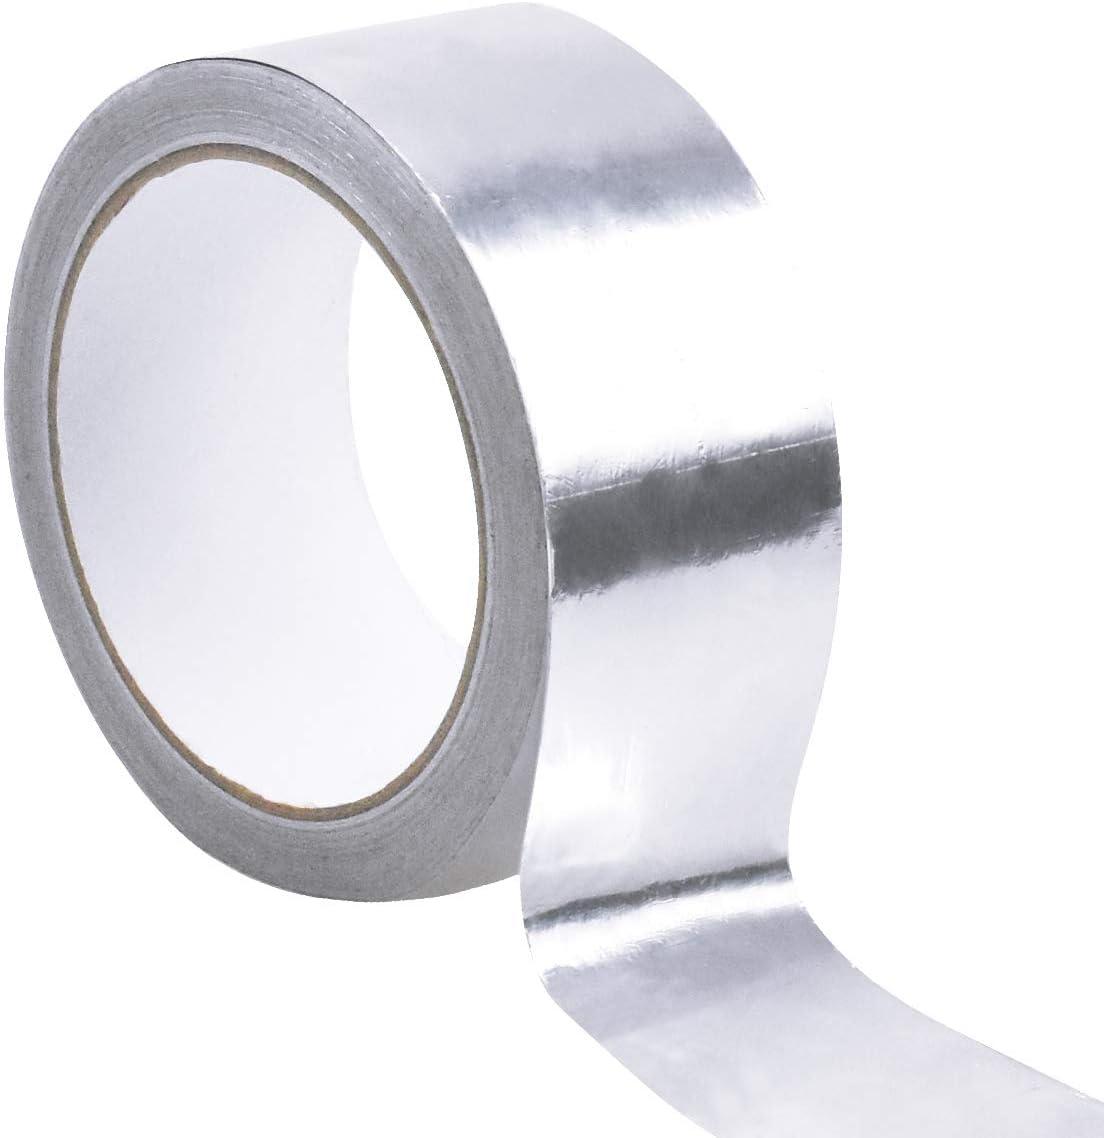 Cinta Met/álica para Reparaciones Aislamiento 50mm x 20m Cinta de Aluminio Cinta Adhesiva de Aluminio Cinta Aislante Autoadhesiva Cinta de T/érmica Resistente al Calor Cinta de Papel Aluminio